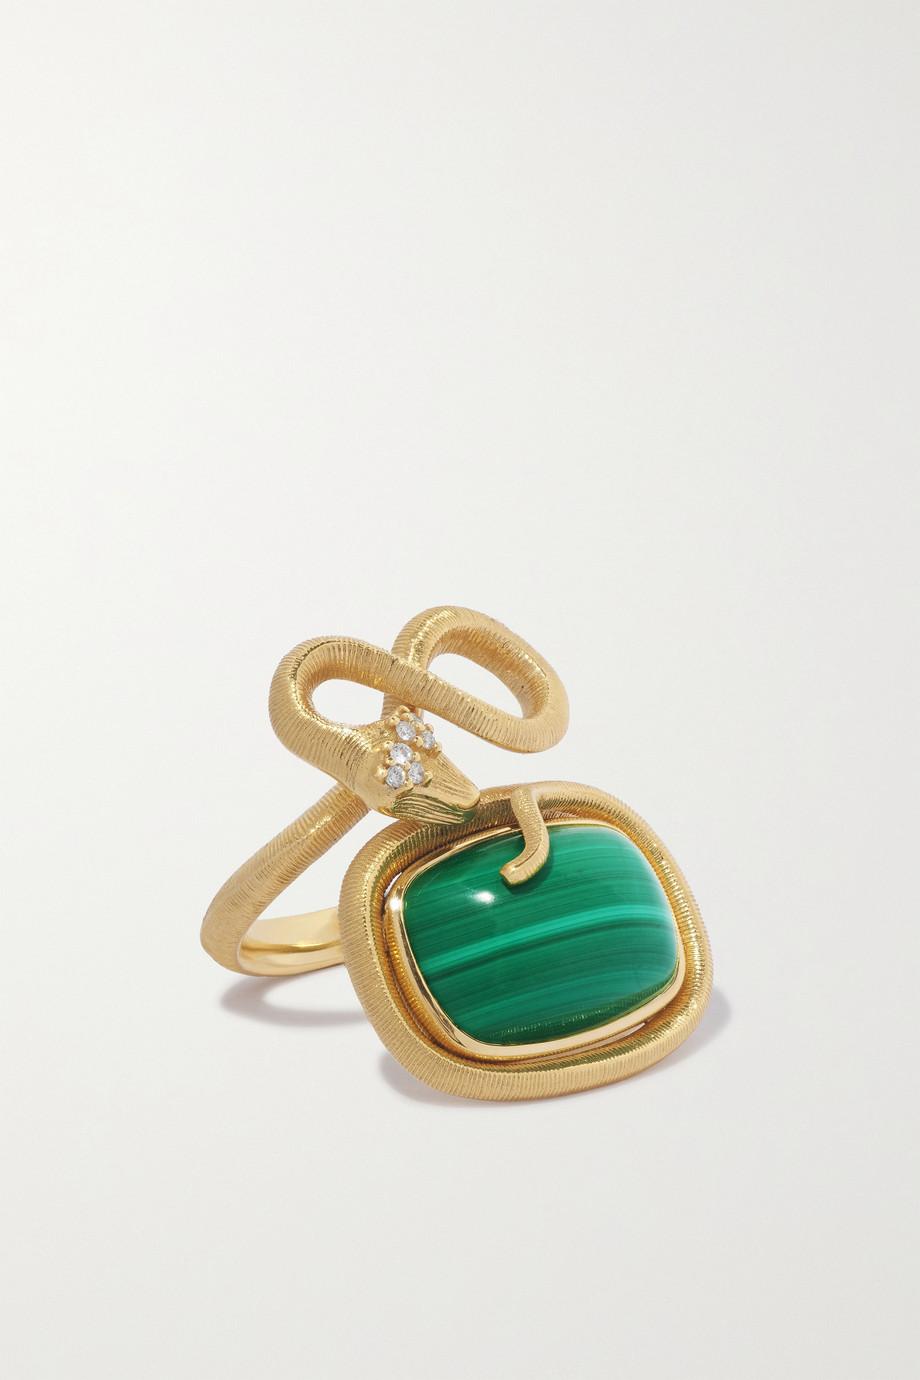 OLE LYNGGAARD COPENHAGEN Snakes 18-karat gold, malachite and diamond ring